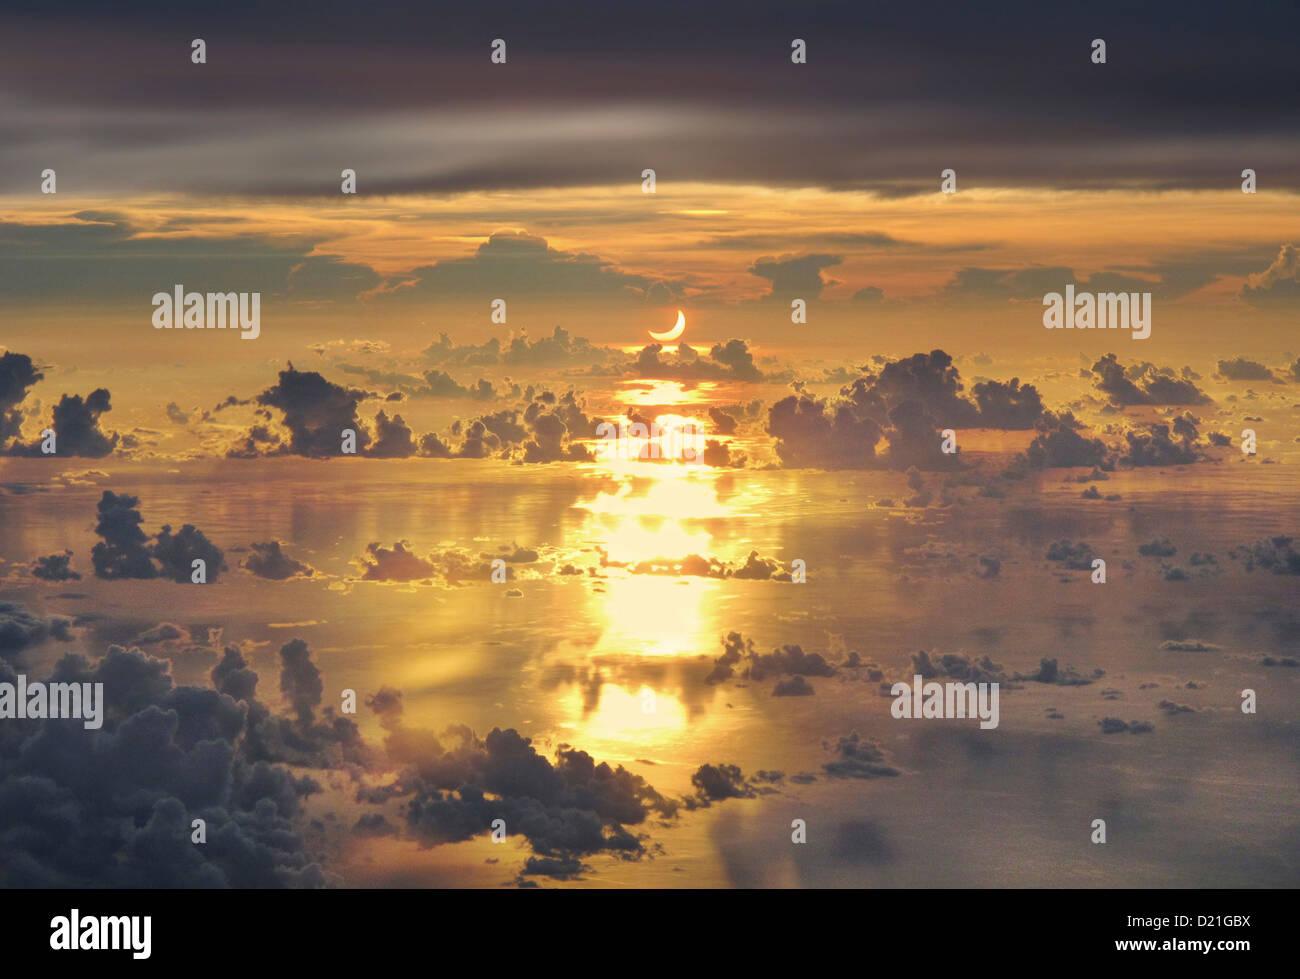 Luftaufnahme einer Sonnenfinsternis über South China Sea, Mai 2012, Philippinen, Asien Stockbild